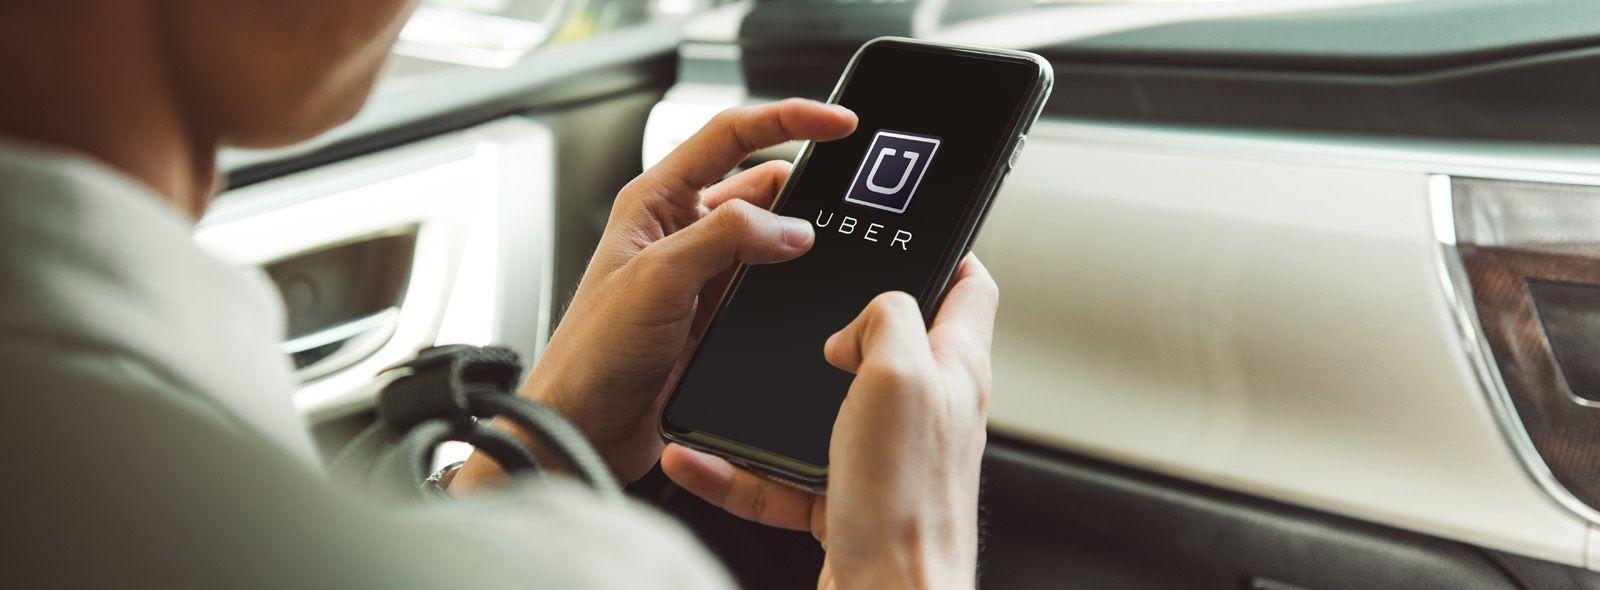 Come diventare autista Uber